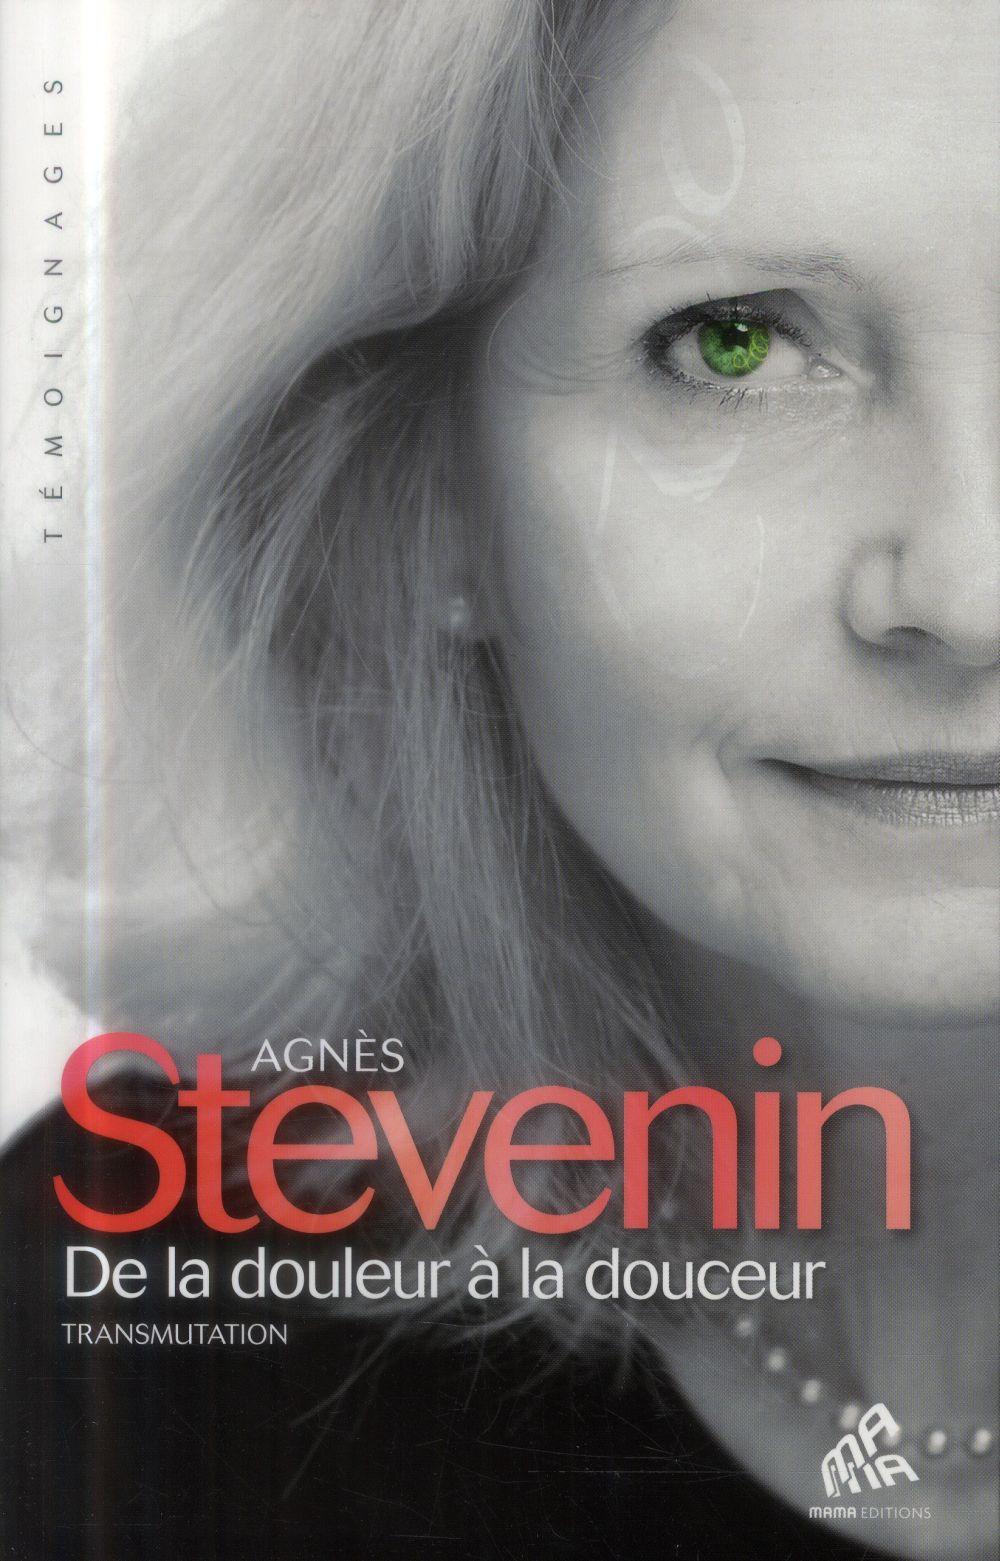 DE LA DOULEUR A LA DOUCEUR STEVENIN AGNES Mama éditions